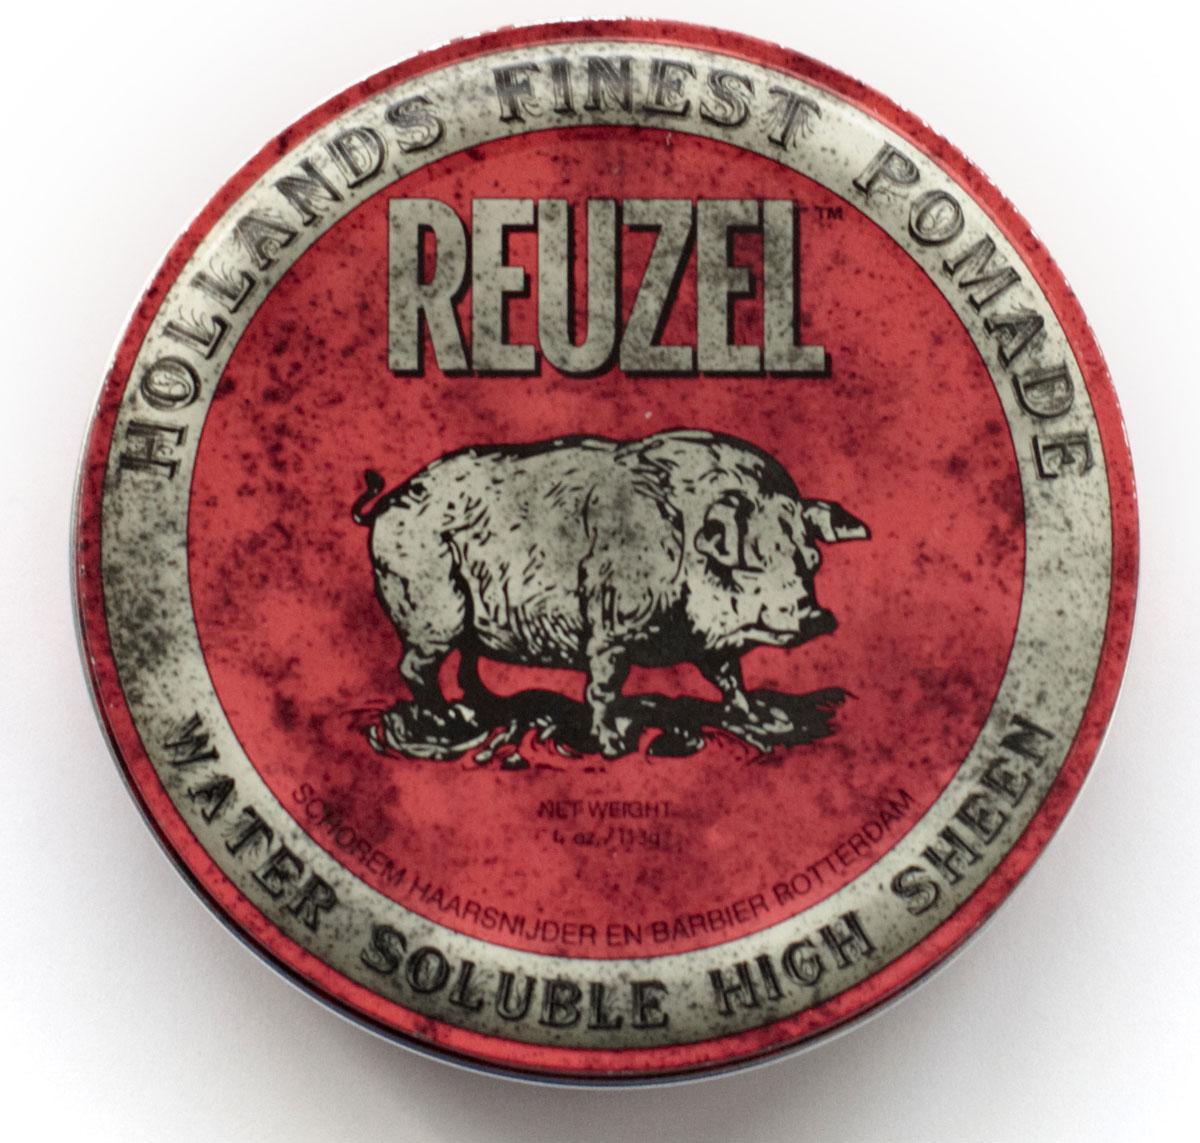 Reuzel помада для укладки волос, красная банка 113грSatin Hair 7 BR730MNПомада REUZEL красная: ультраблескПомада Reuzel в красной банке придаёт укладке ультраблеск, фиксирует как воск, но смывается водой так же просо как гель. Эта супер-концентрированная помада подходит для волос любого типа и полирует до блеска любую причёску: от помпадура и квиффа до slick back и любых смелых форм в укладке. Красная помада Reuzel сохраняет пластичность весь день, никогда не затвердевает и не превращается в хлопья. С аромат ванильной колы.- Сильная фиксация как у воска- Суперблеск и эффект отполированной укладки- Состав на водной основе, легко смывается- Превосходная прическа весь день